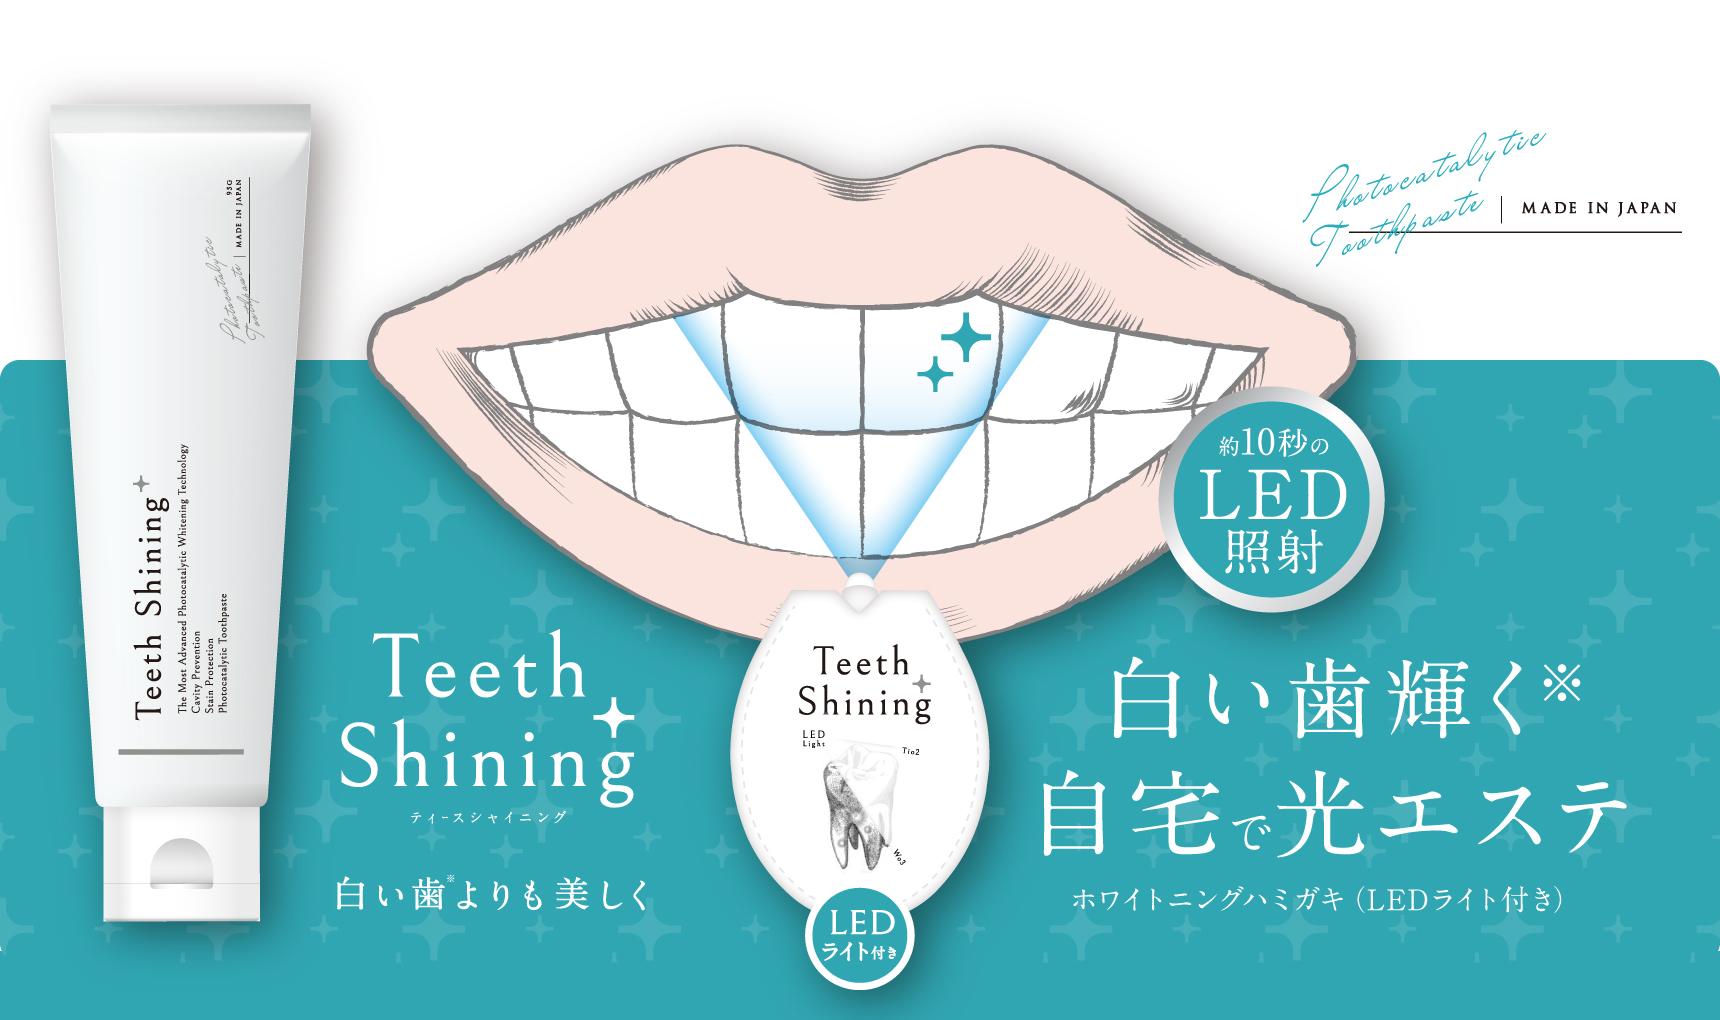 Teeth Shining ティースシャイニング 「白い歯※よりも美しく」 「白い歯輝く※自宅で光エステ」 ホワイトニングハミガキ(LED付き) ※ブラッシングによる